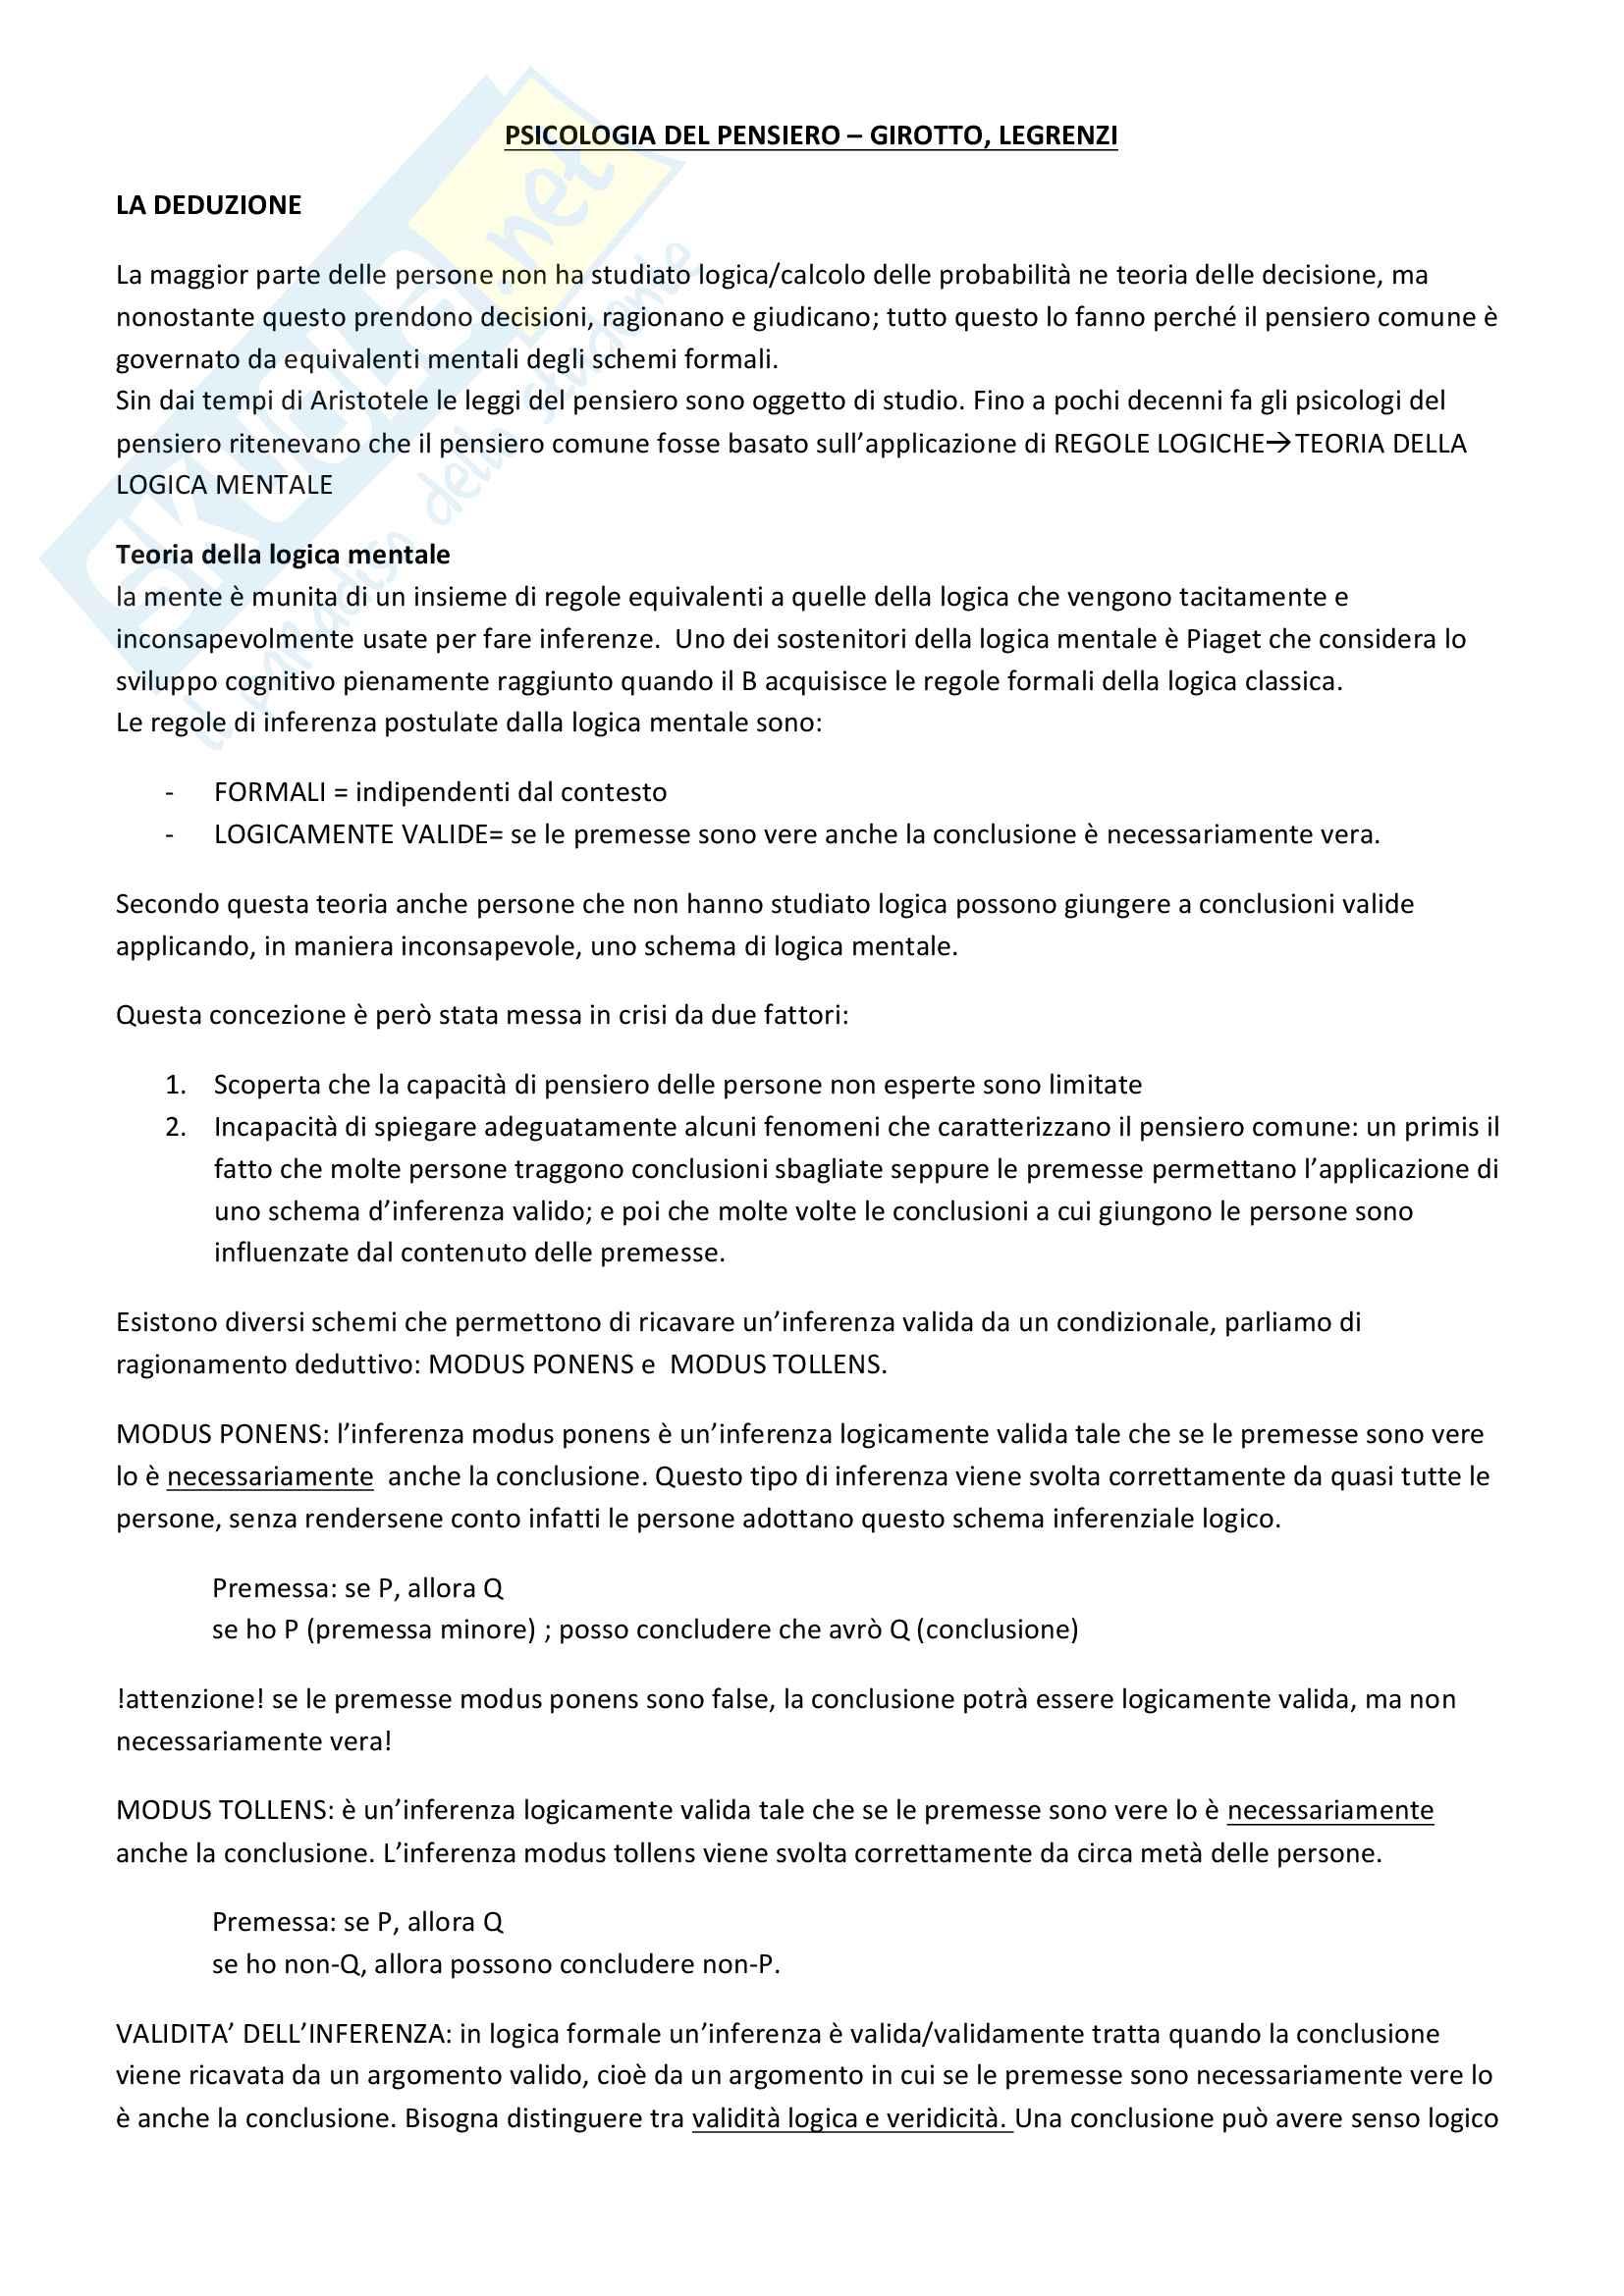 Riassunto esame Psicologia Generale 2, prof. Macchi, libri consigliati Psicologia del pensiero, Girotto e Legrenzi, Discorso e pensiero, Mosconi e Il linguaggio, Legreni